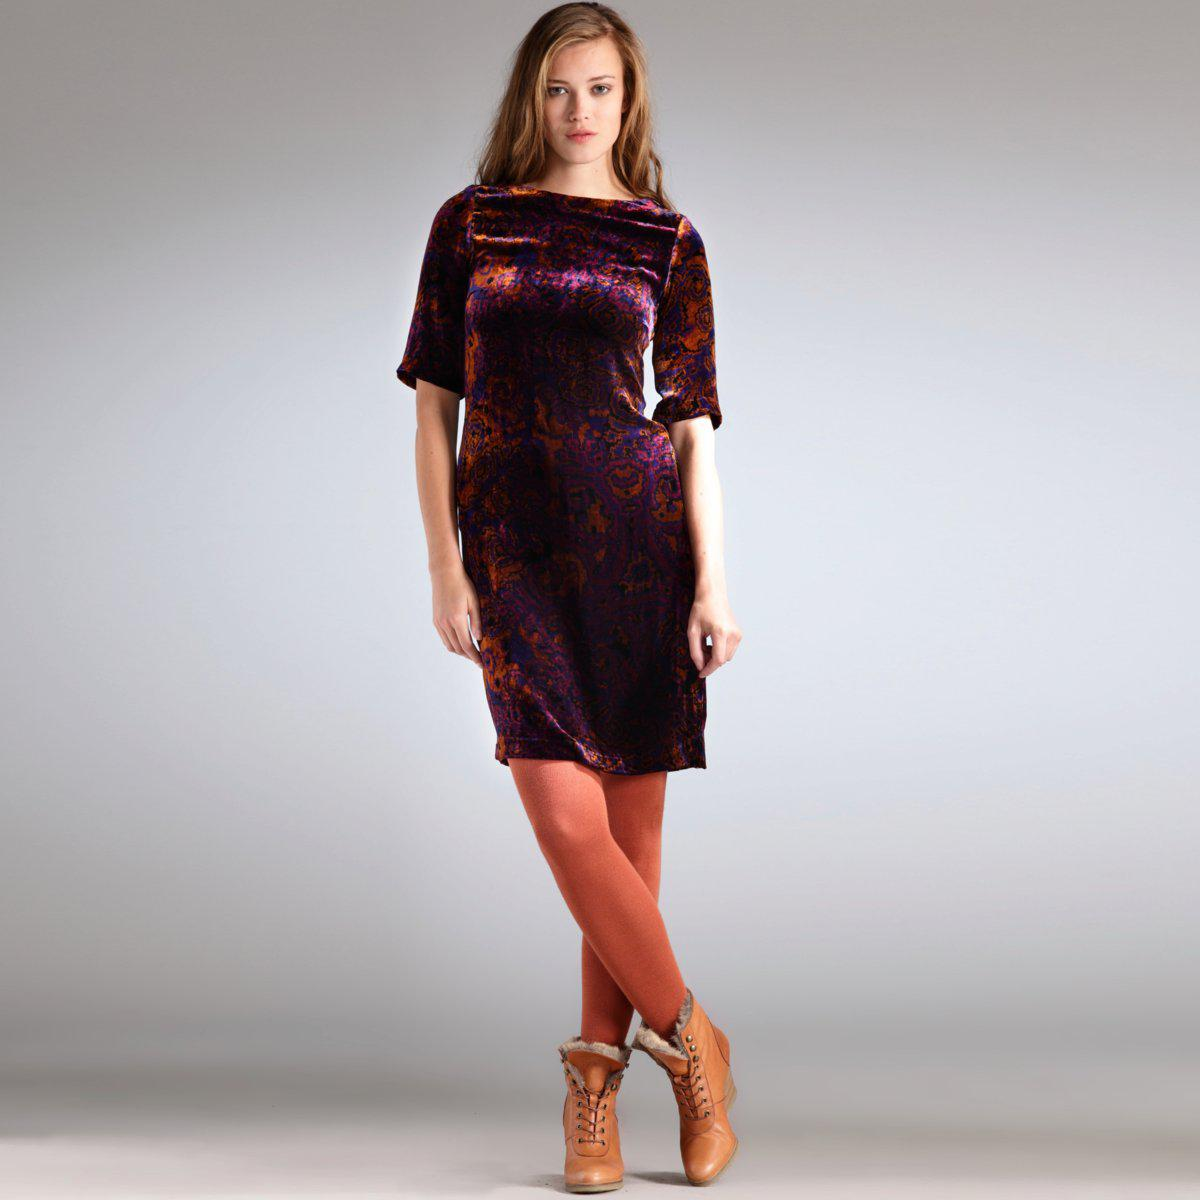 Βραδυνα Φορεματα LaRedoute Φθινόπωρο 2011 Κωδ. 324209754 e064924730a